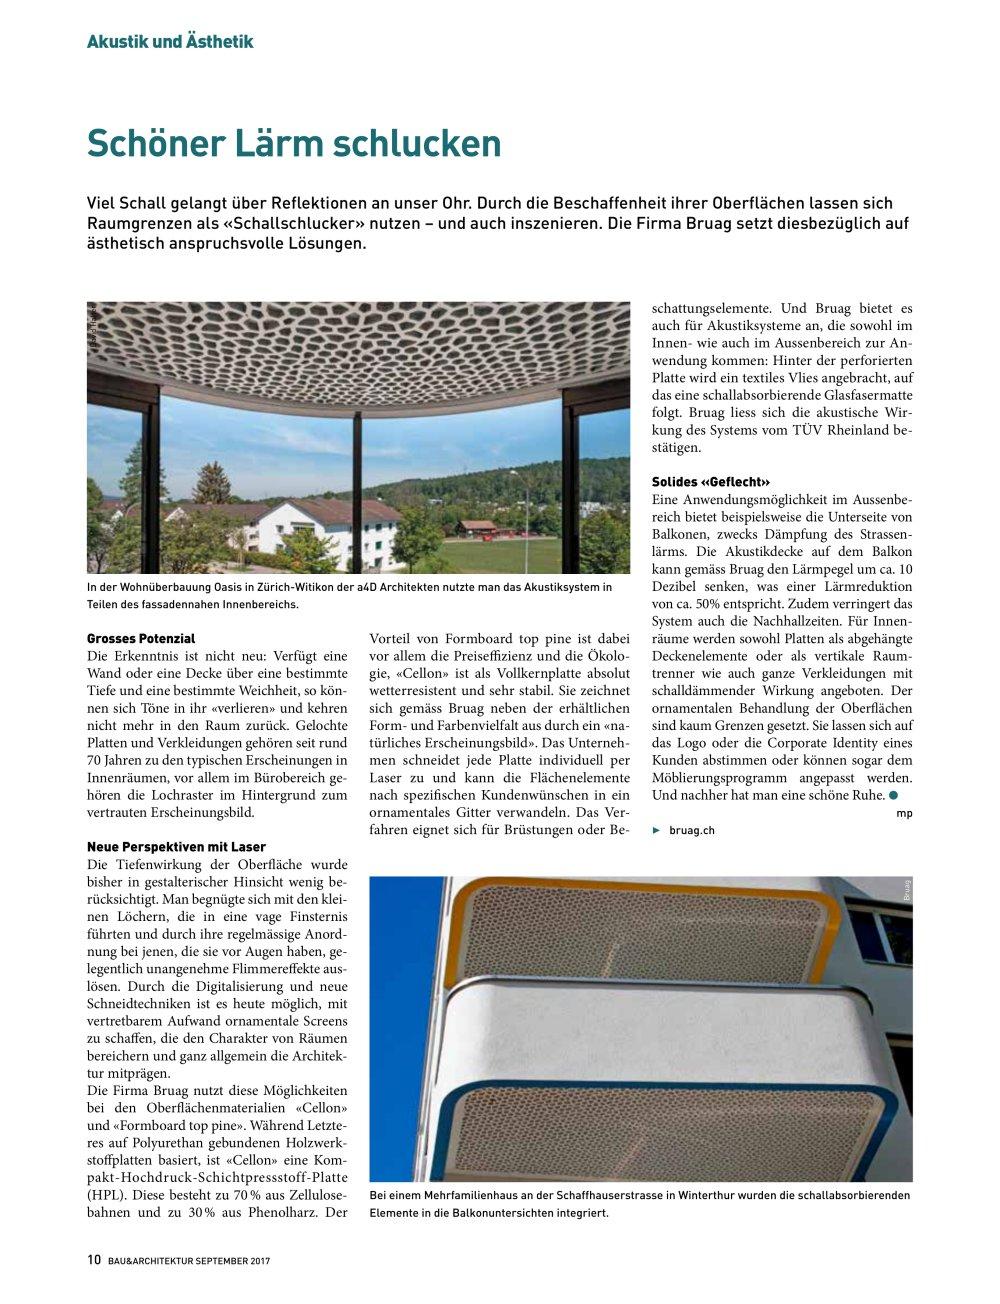 Pressebericht Schöner Lärm schlucken Bau & Architektur Ausgabe Sept ...